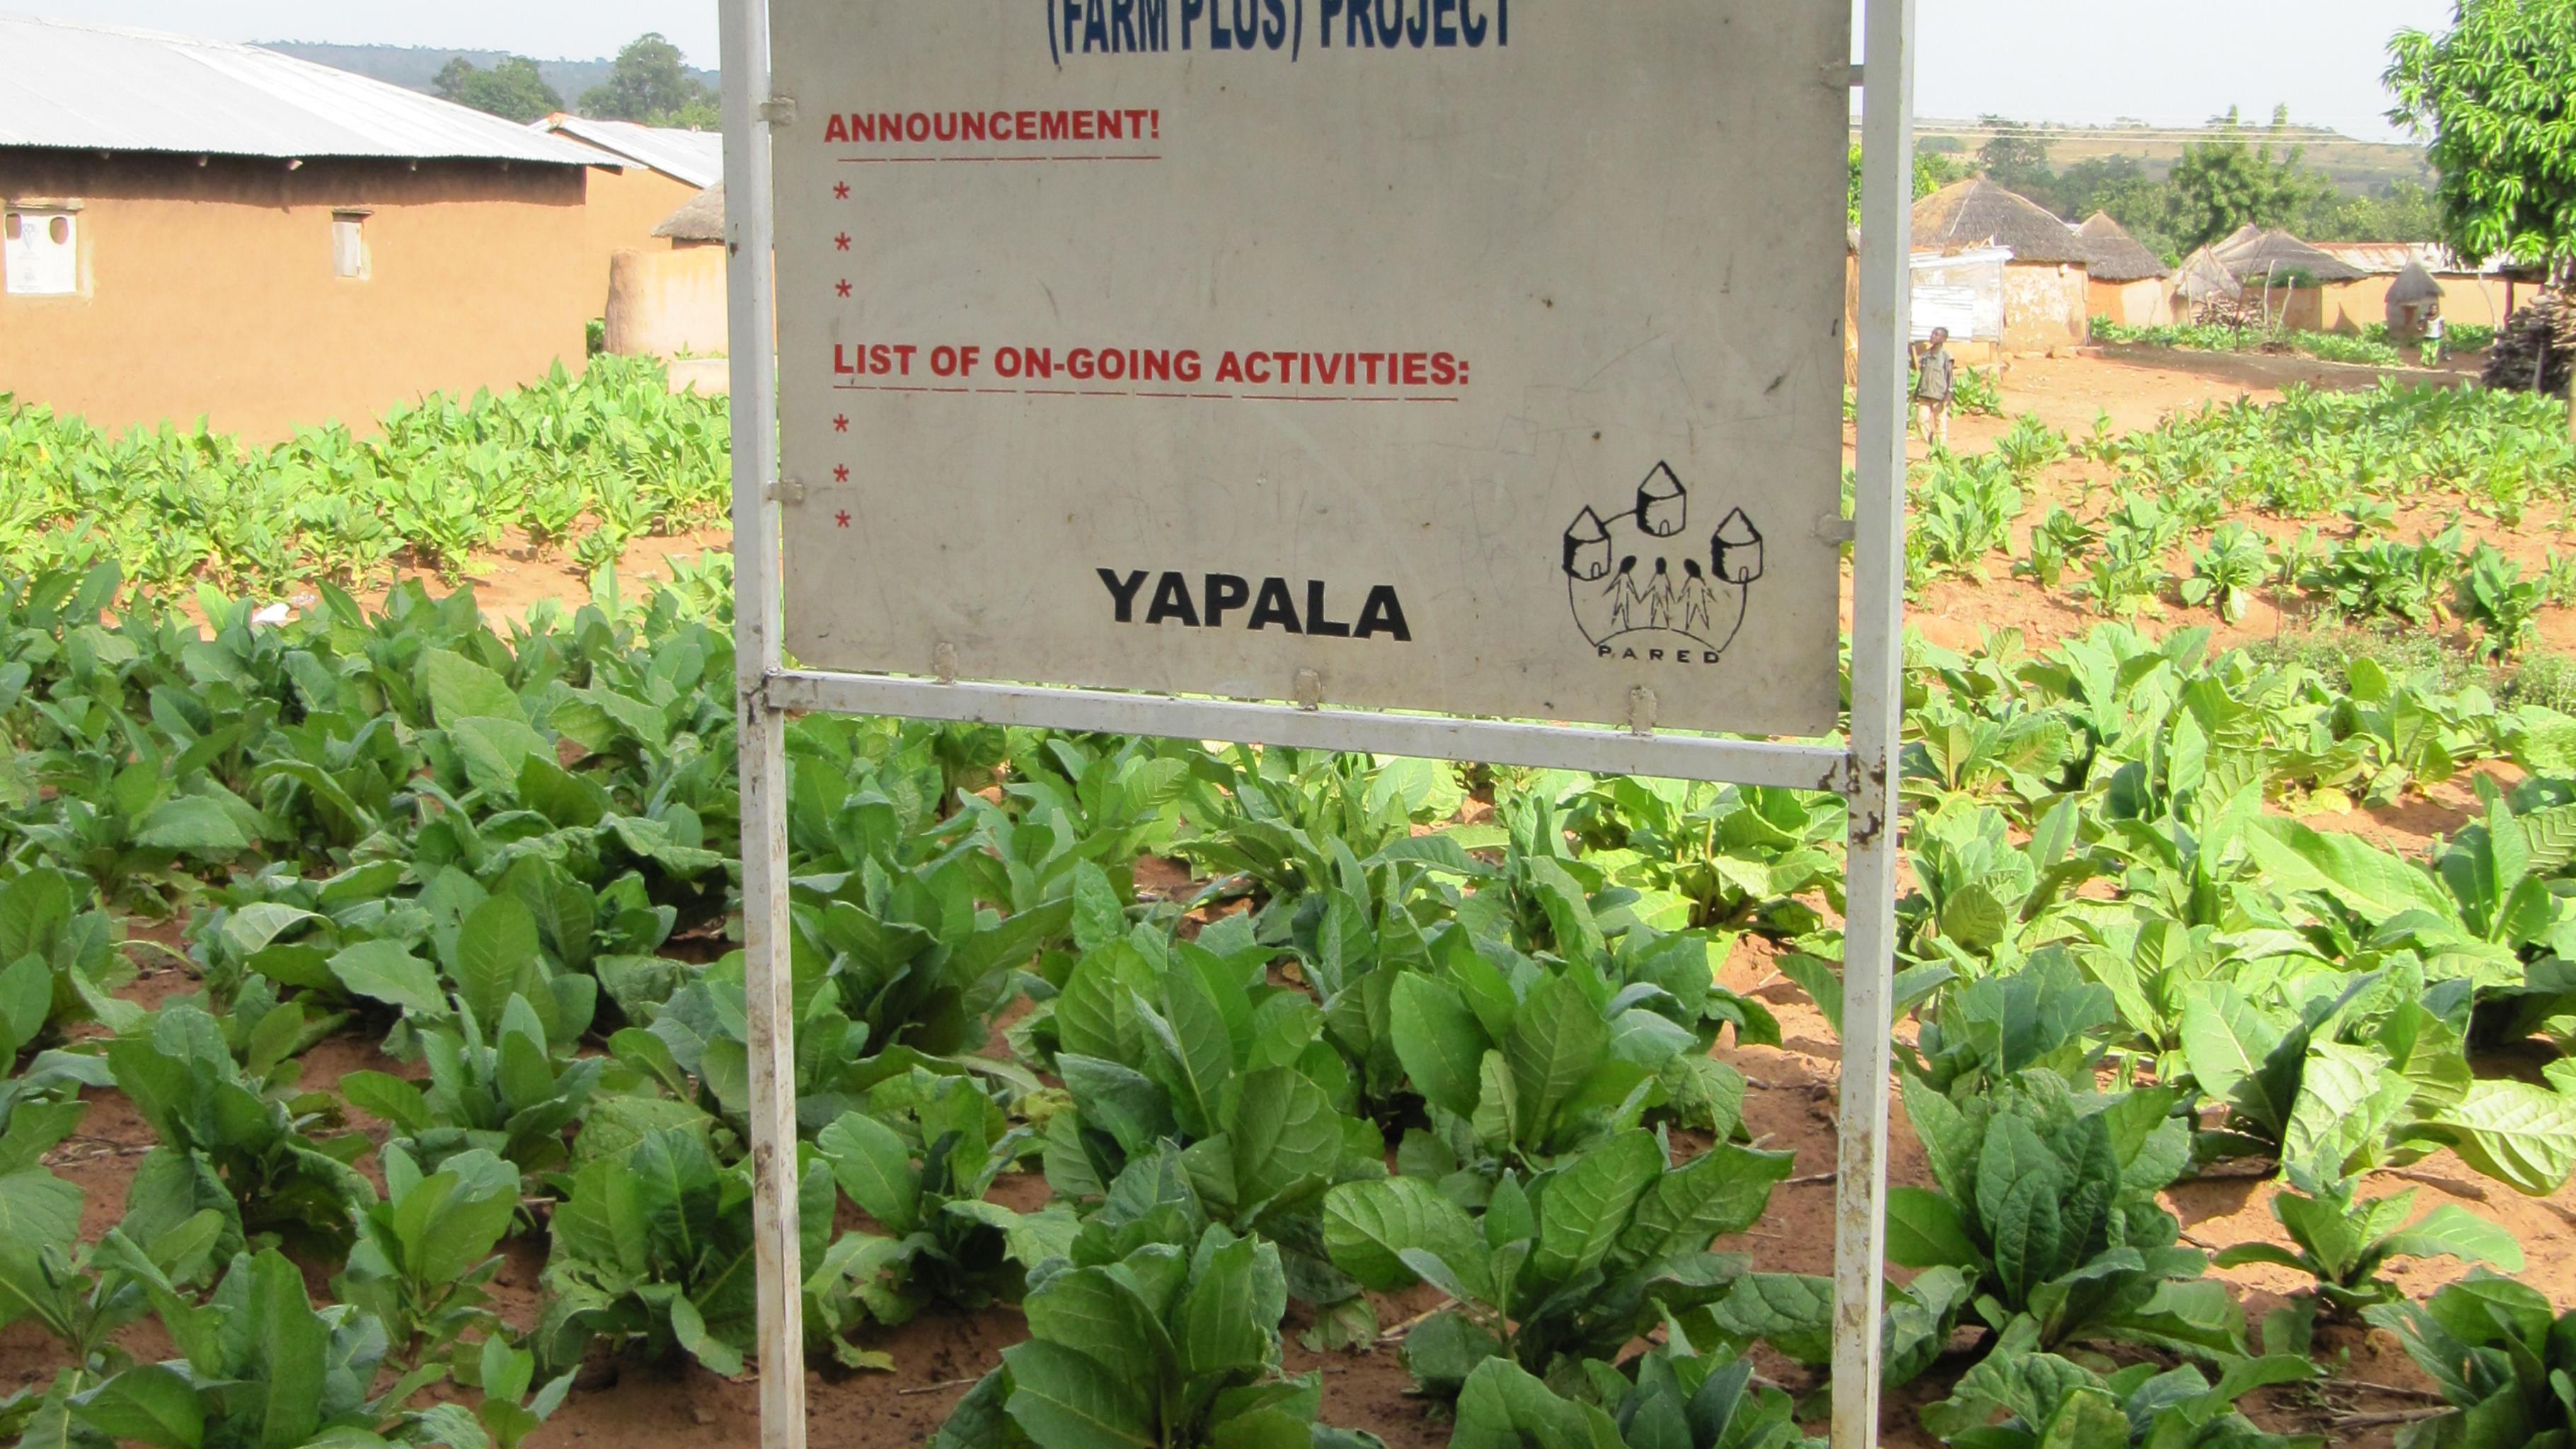 PARED unterstützt Landwirte in der Region